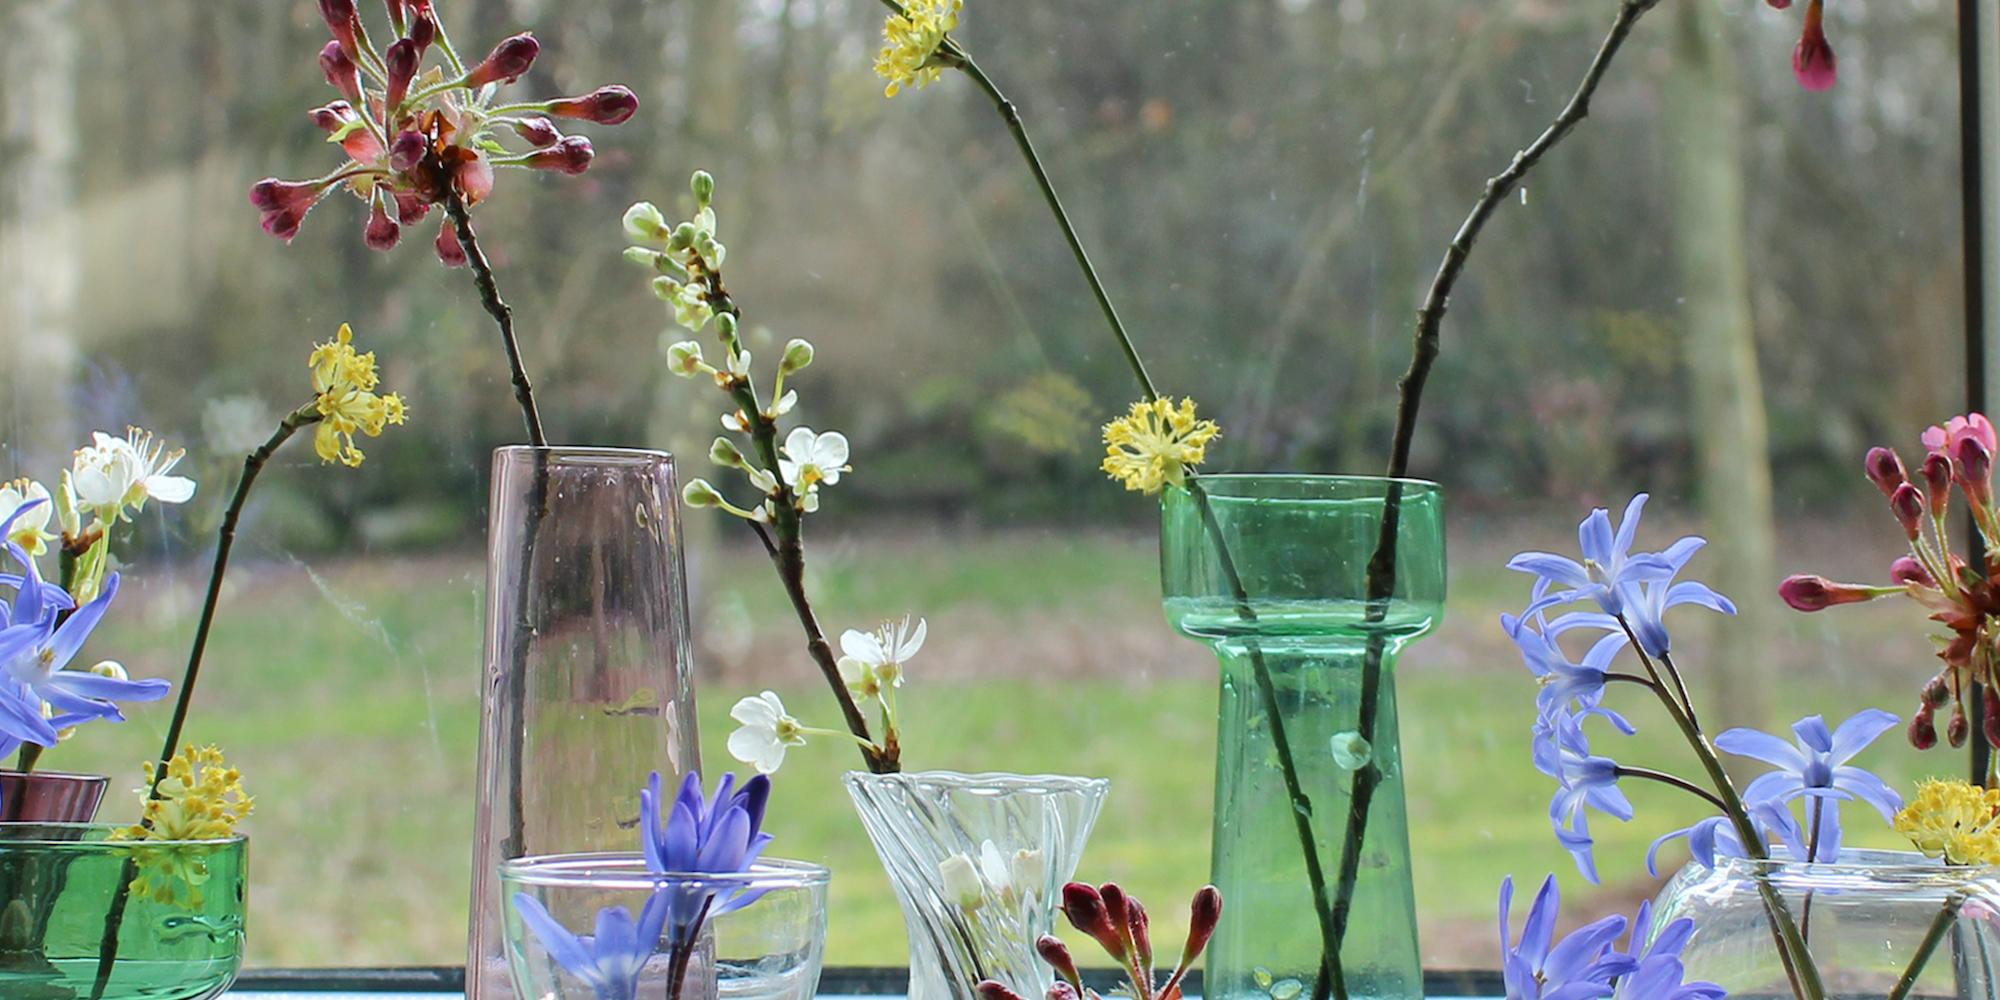 Forårsfine blomster i vindueskarmen